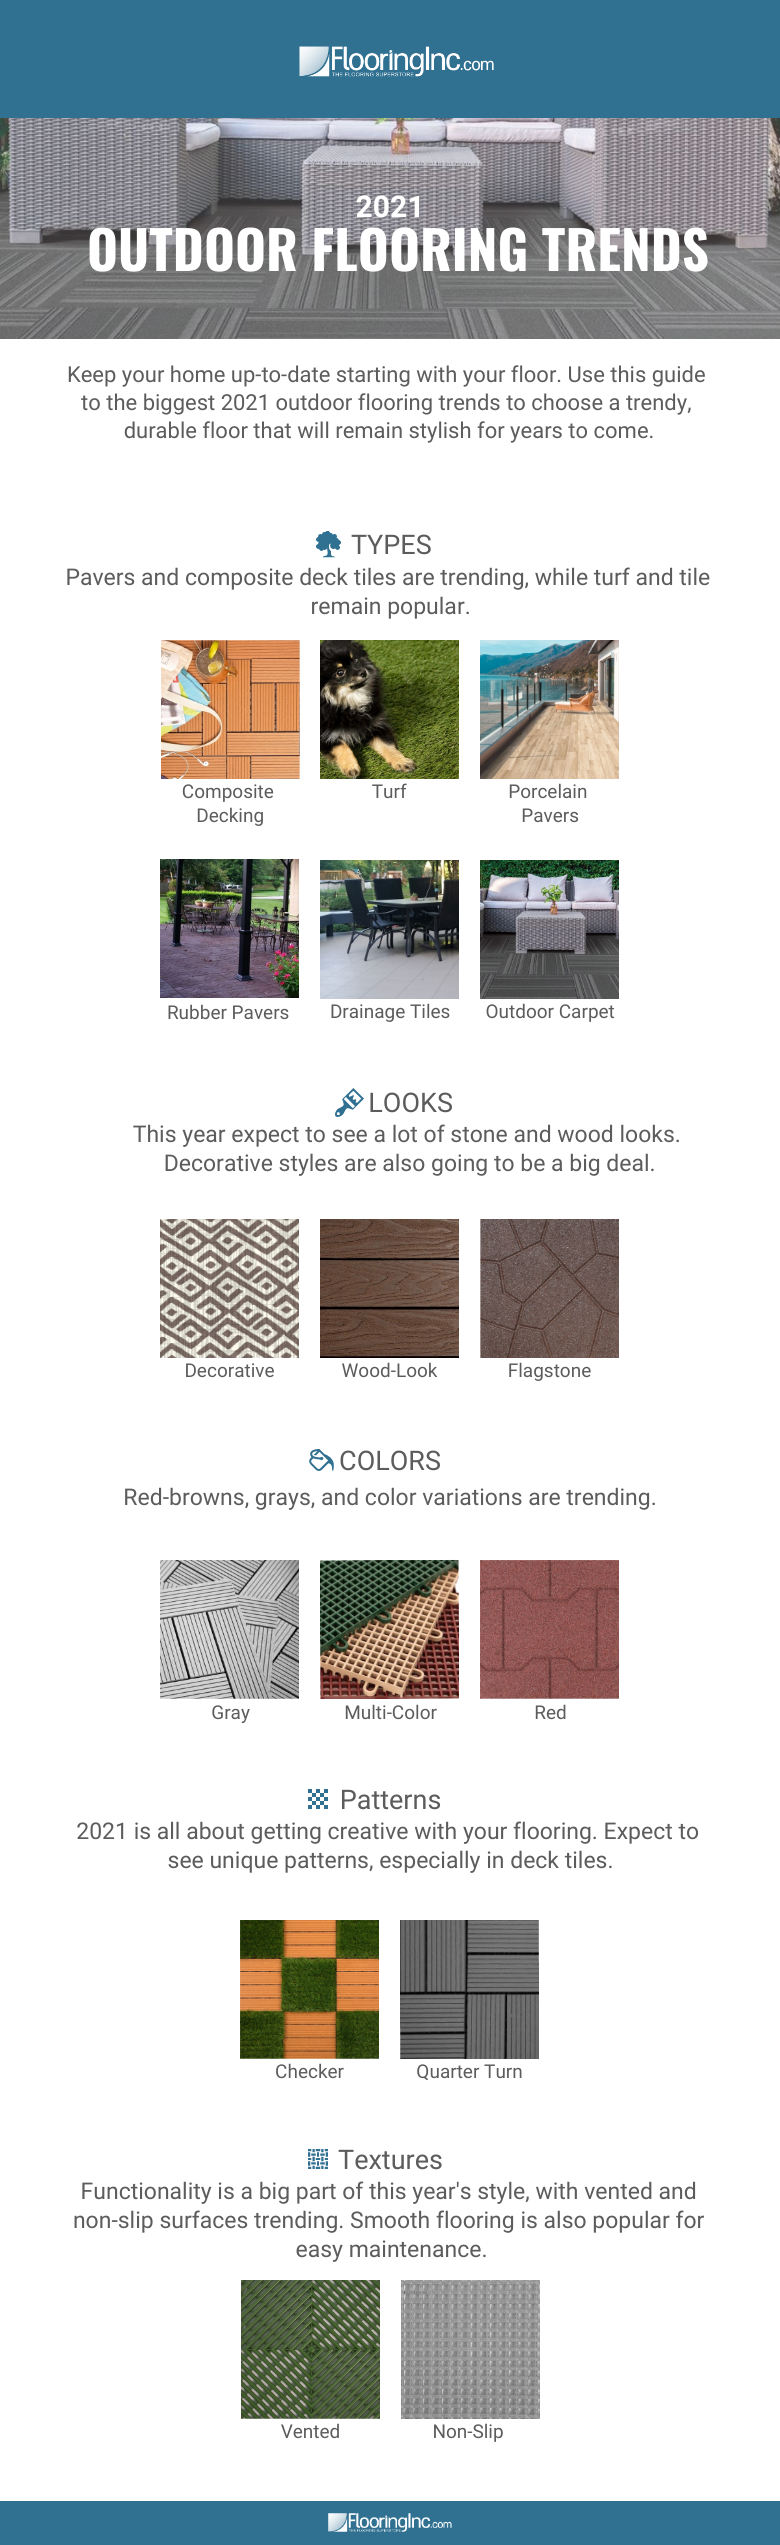 2021 Outdoor Flooring Trends